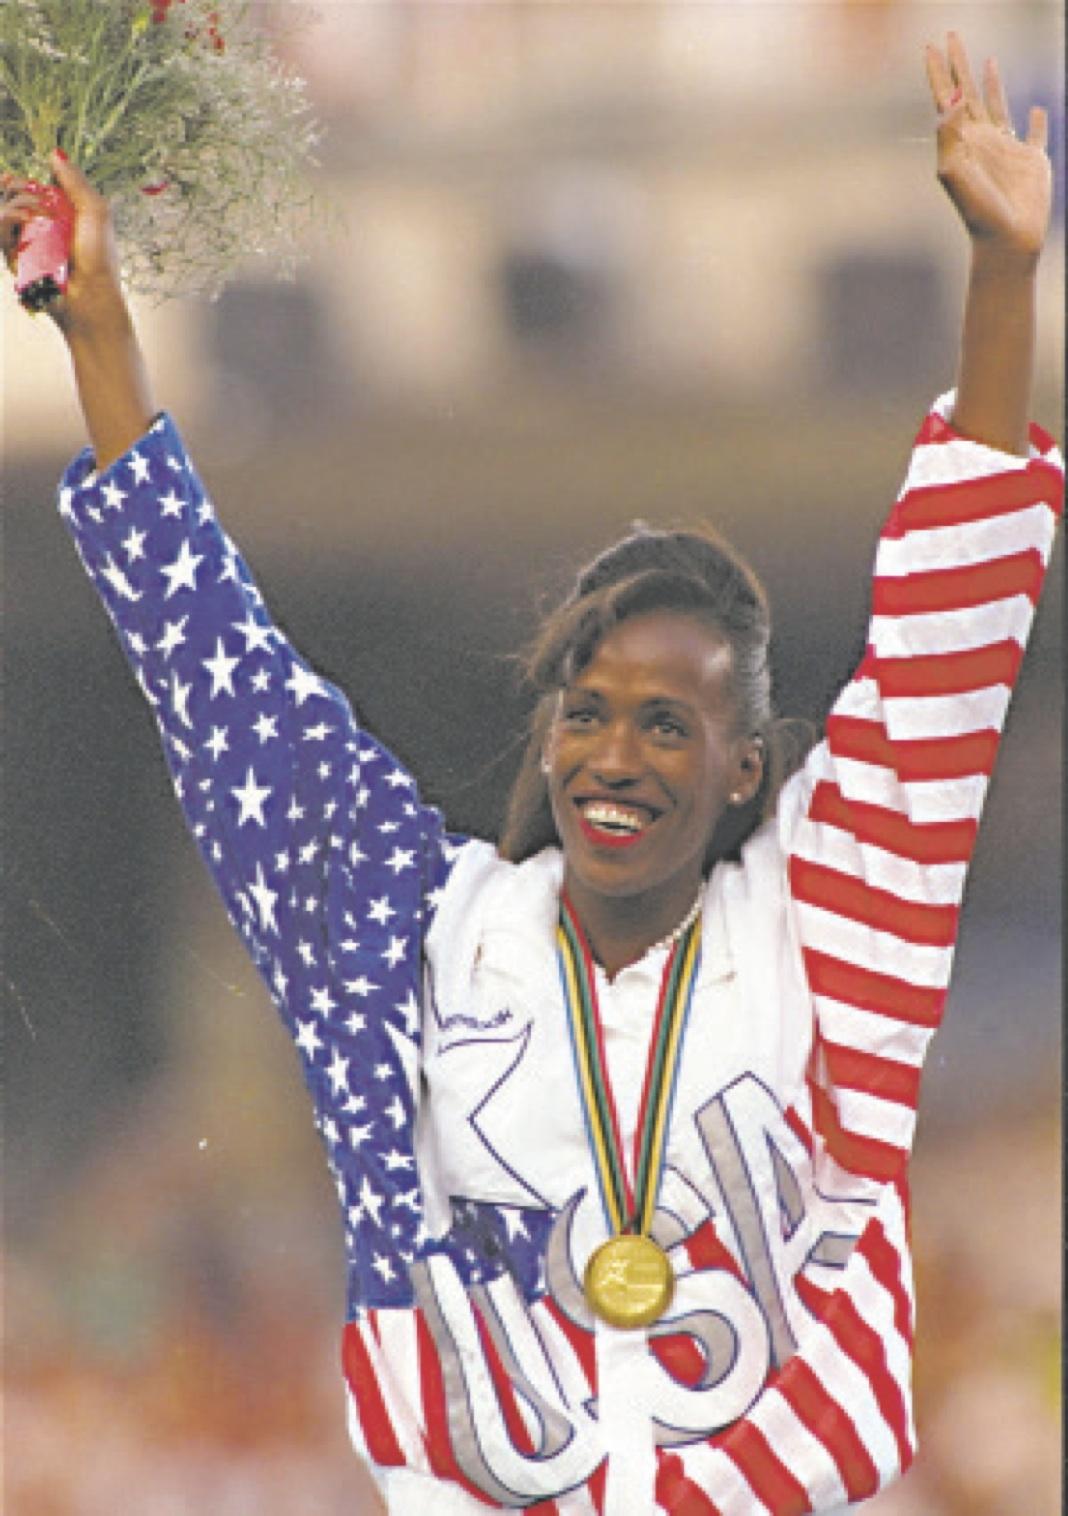 Forum on this topic: Greer Grammer, jackie-joyner-kersee-6-olympic-medals/